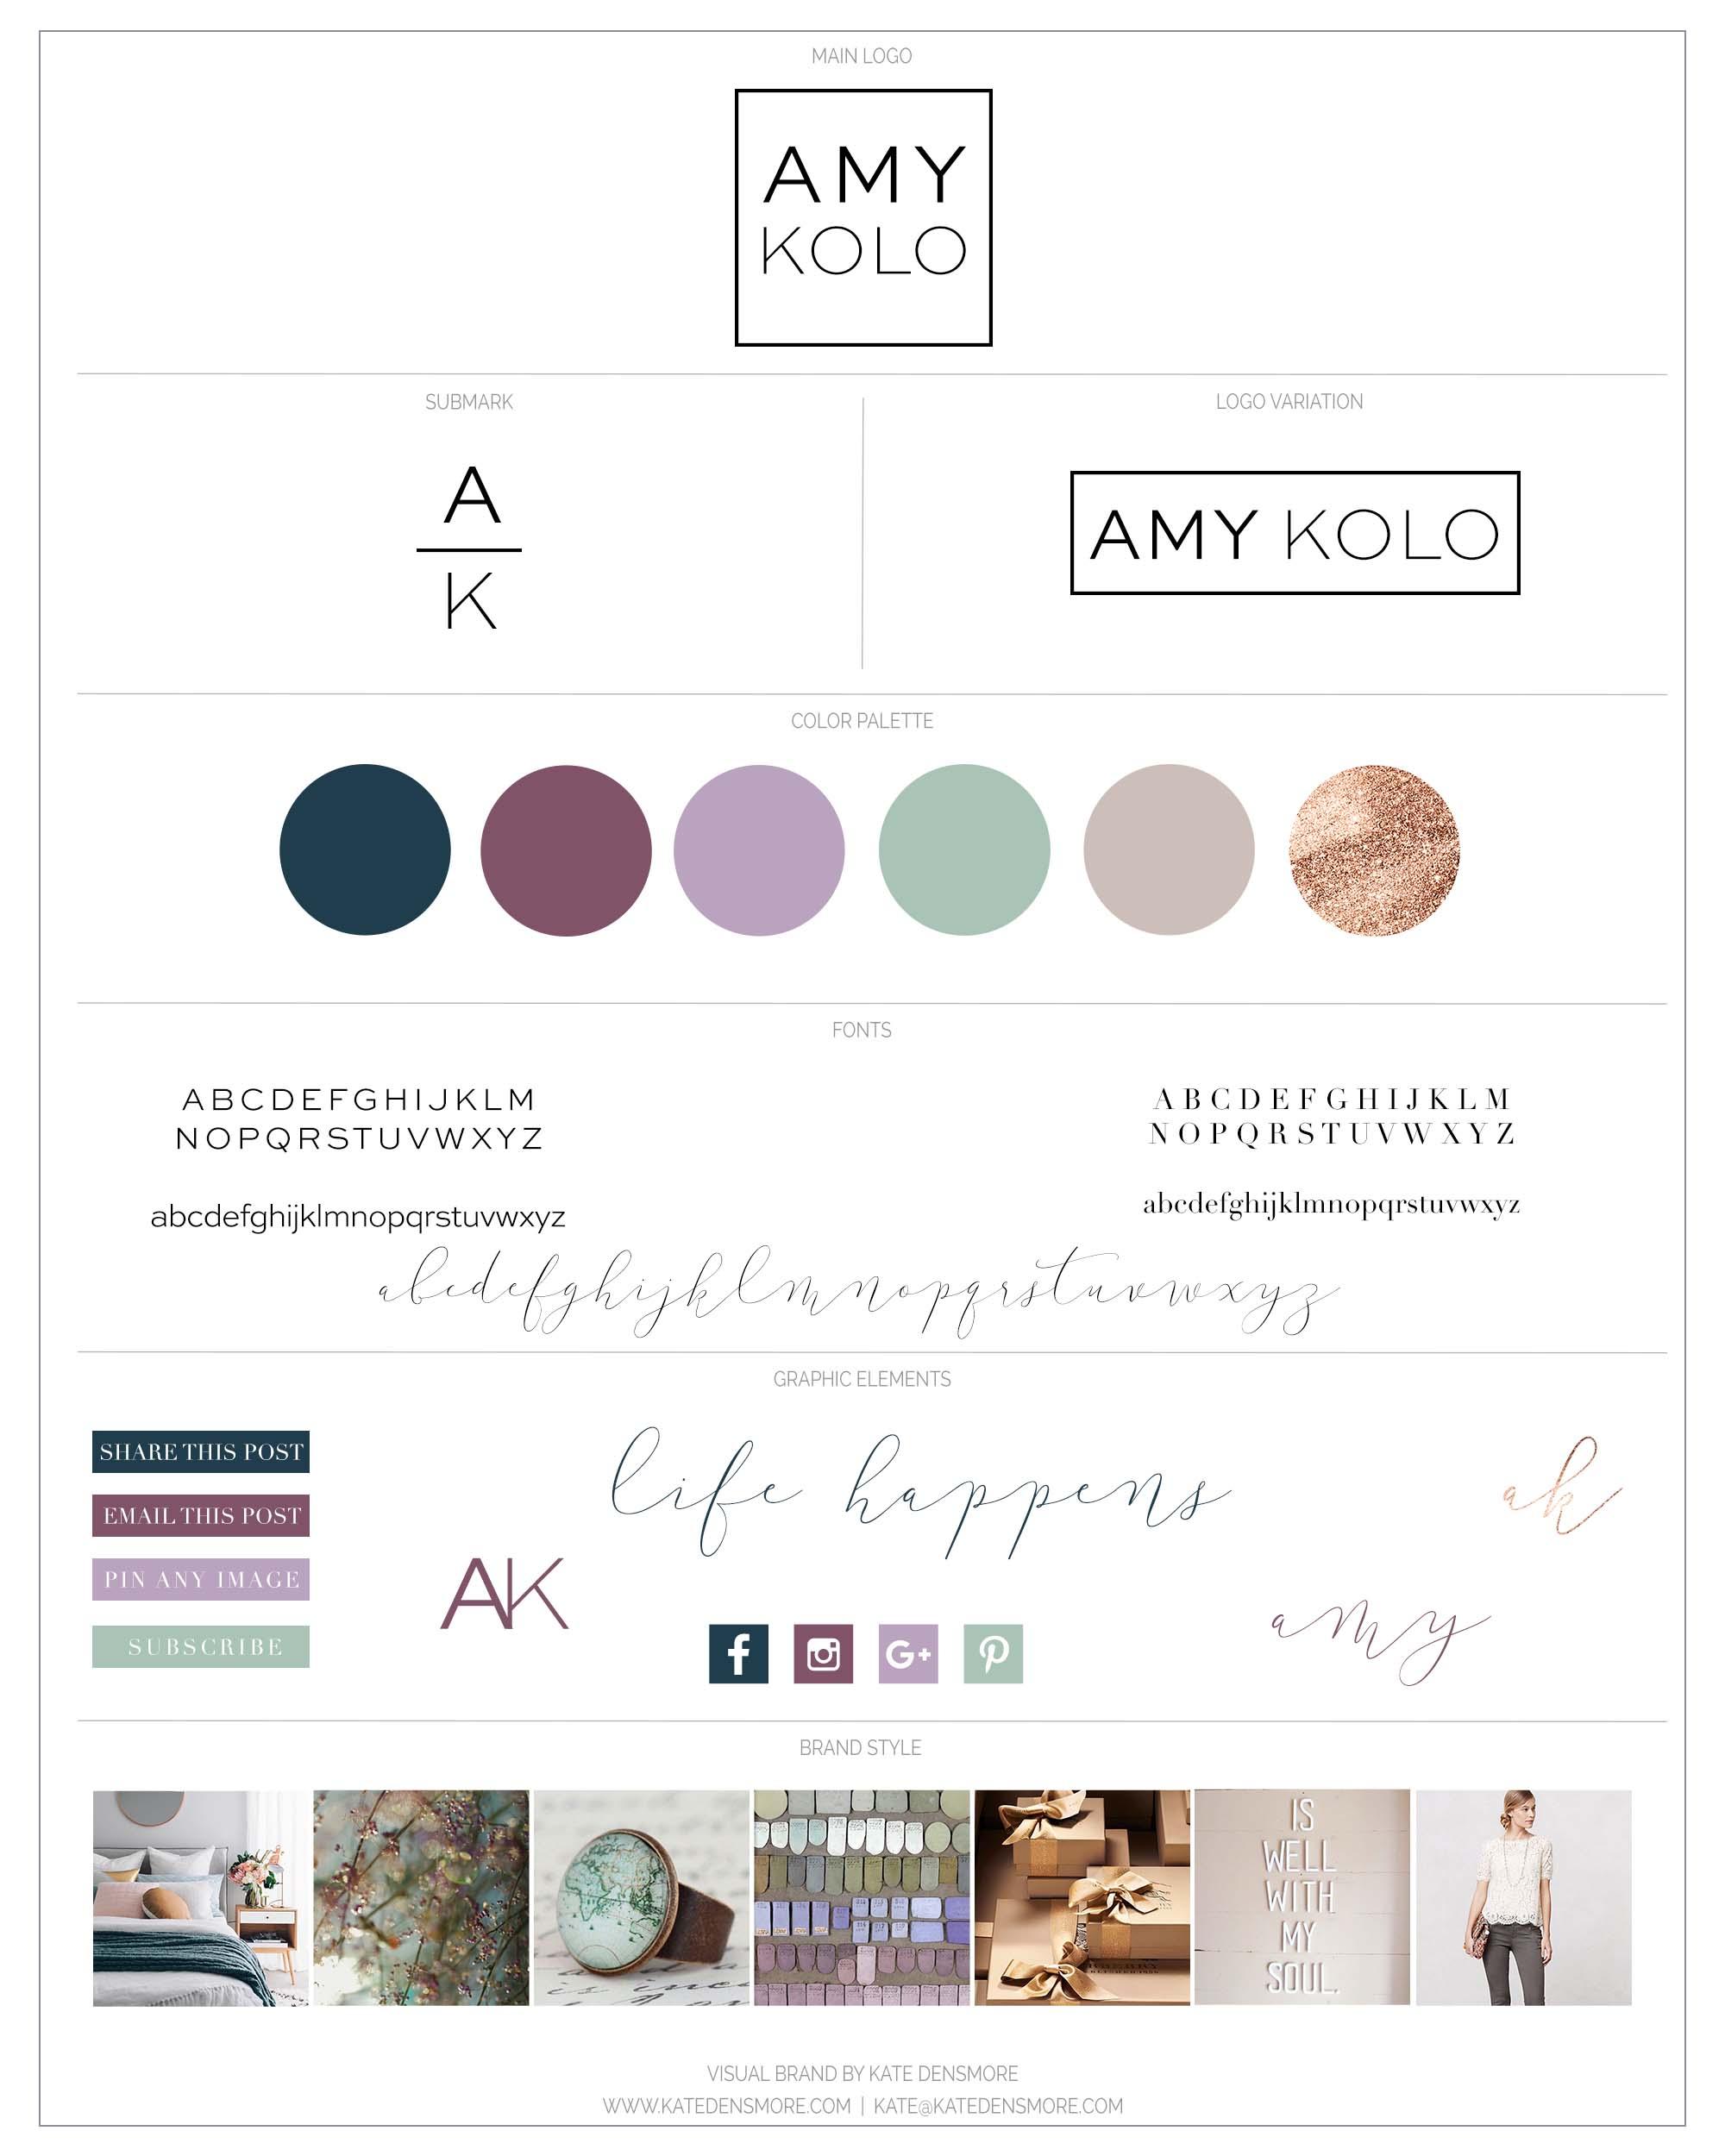 AmyK_BrandingBoard